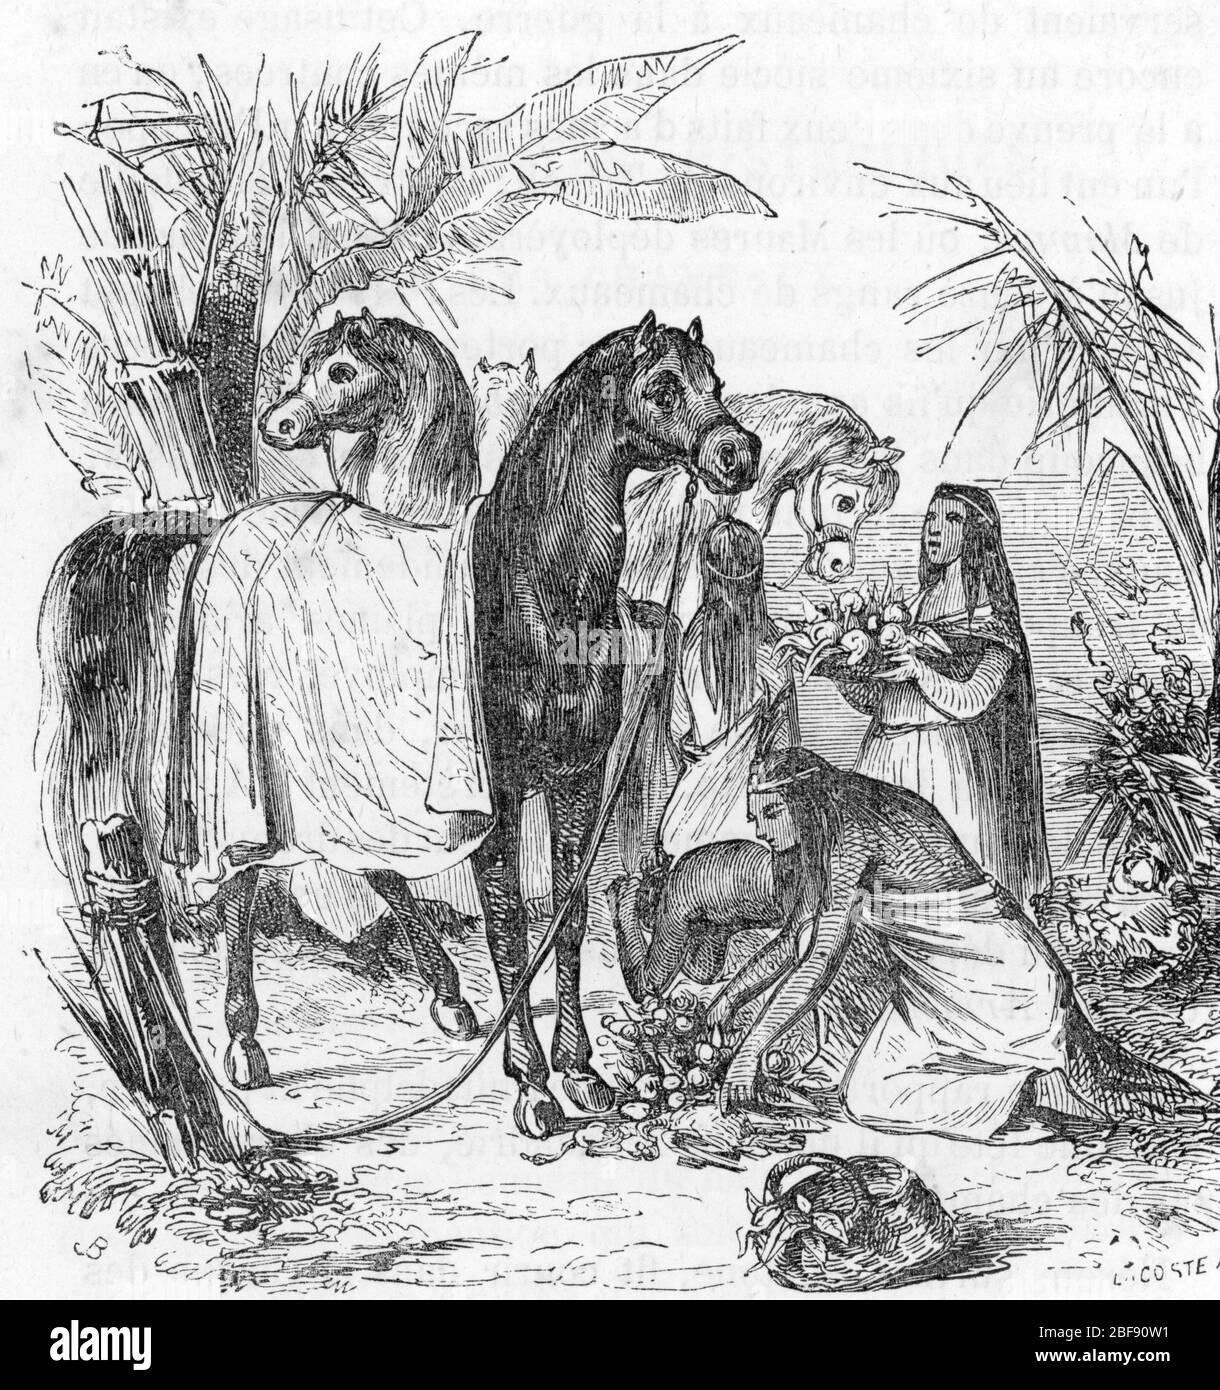 Bucephale le cheval d' Alexandre le Grand (356-323 av JC) recevant des offrandes (Bucephalus or Bucephalas the horse of Alexander the great) Gravure t Stock Photo